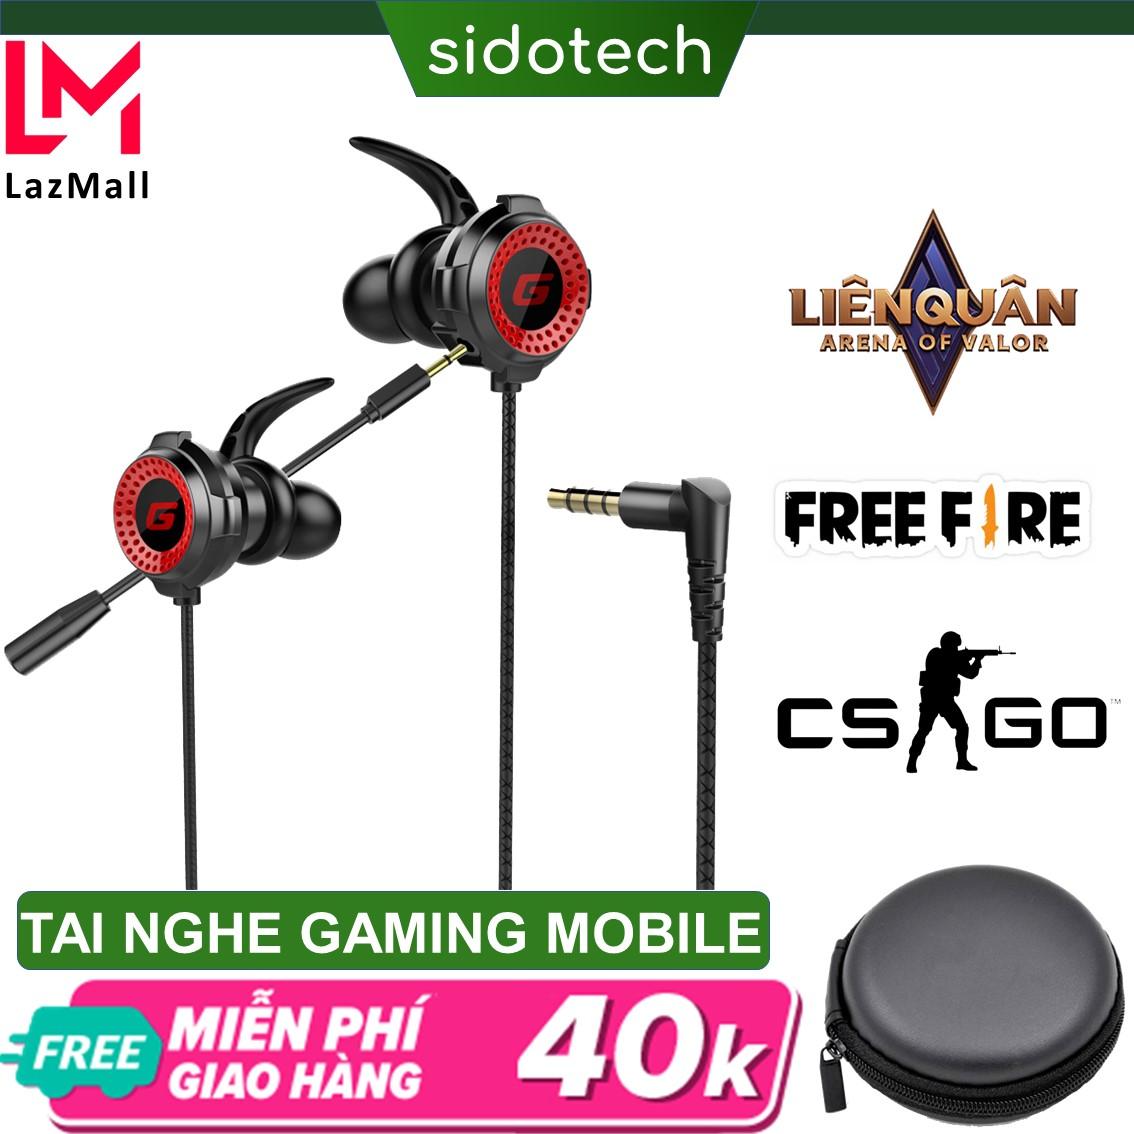 Tai nghe chơi game điện thoại SIDOTECH G11 Plus có mic 360 độ kèm bao da jack 3.5mm tích hợp chuyên dụng chơi game pug mobile tốc chiến lmht, liên quân trên điện thoại dành cho game thủ chuyên nghiệp thuộc dòng tai nghe gaming